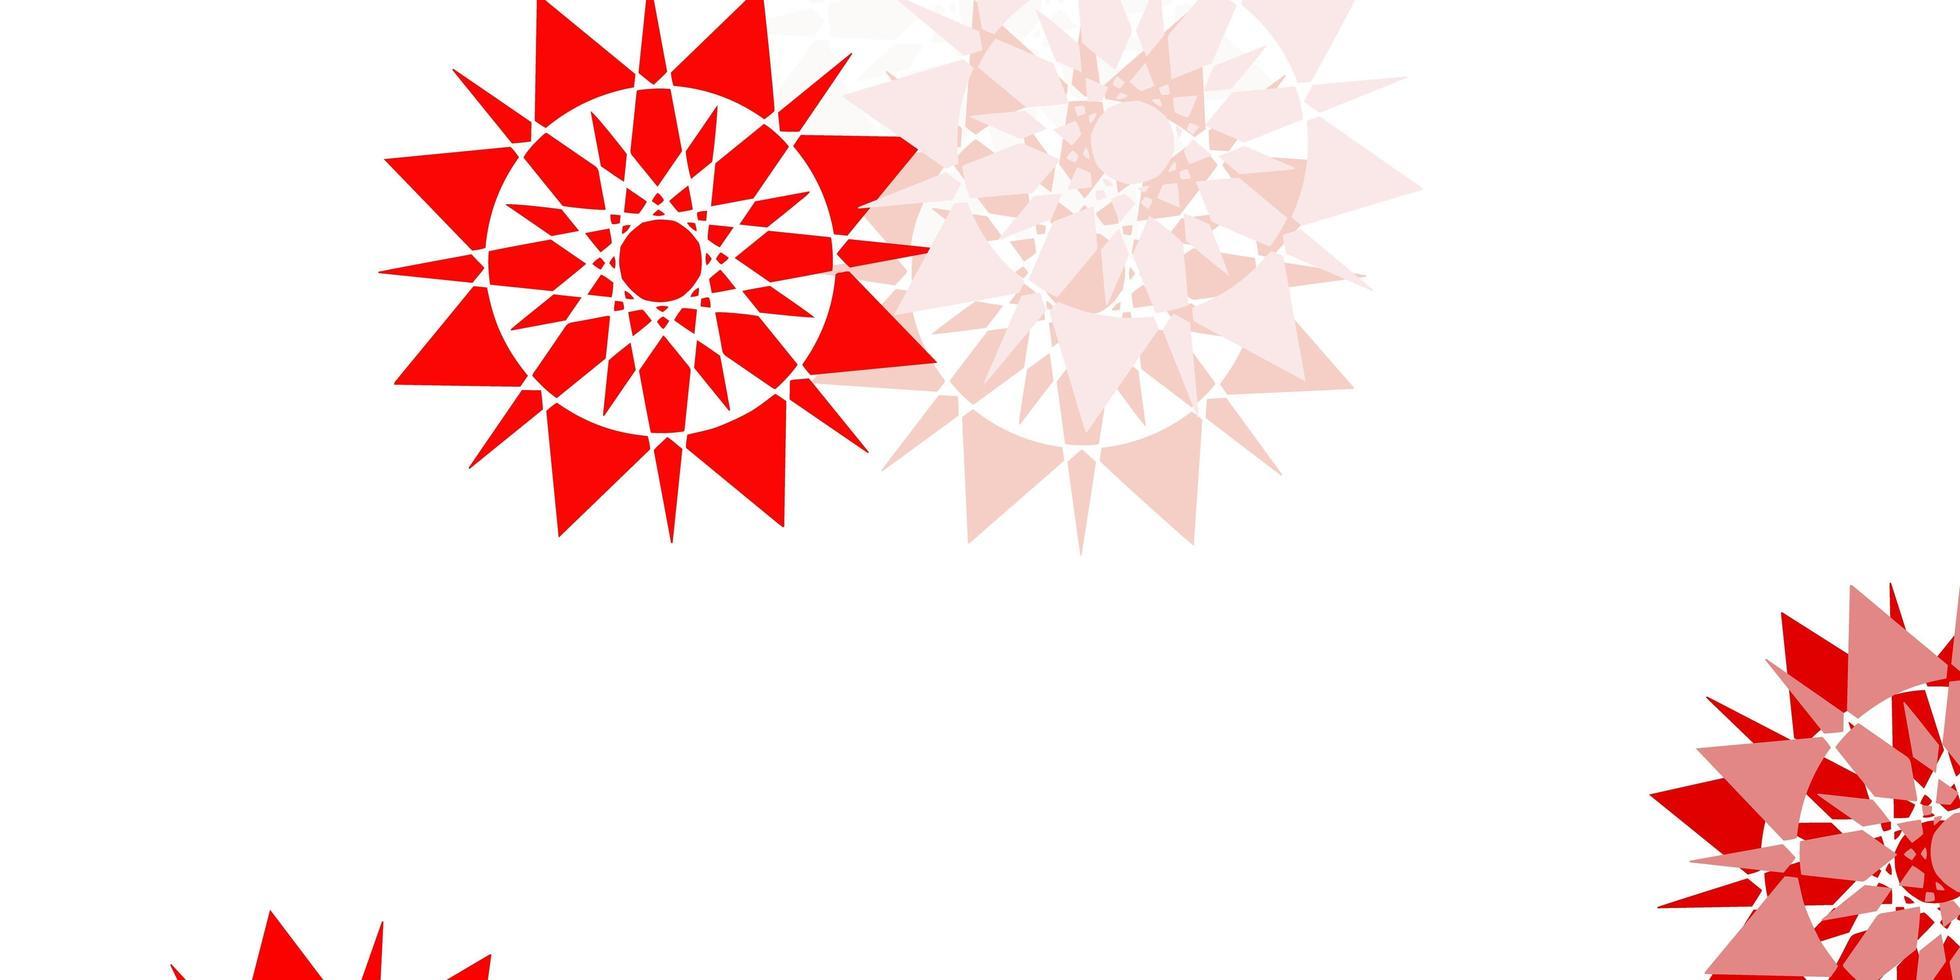 motif rouge clair avec des flocons de neige colorés. vecteur